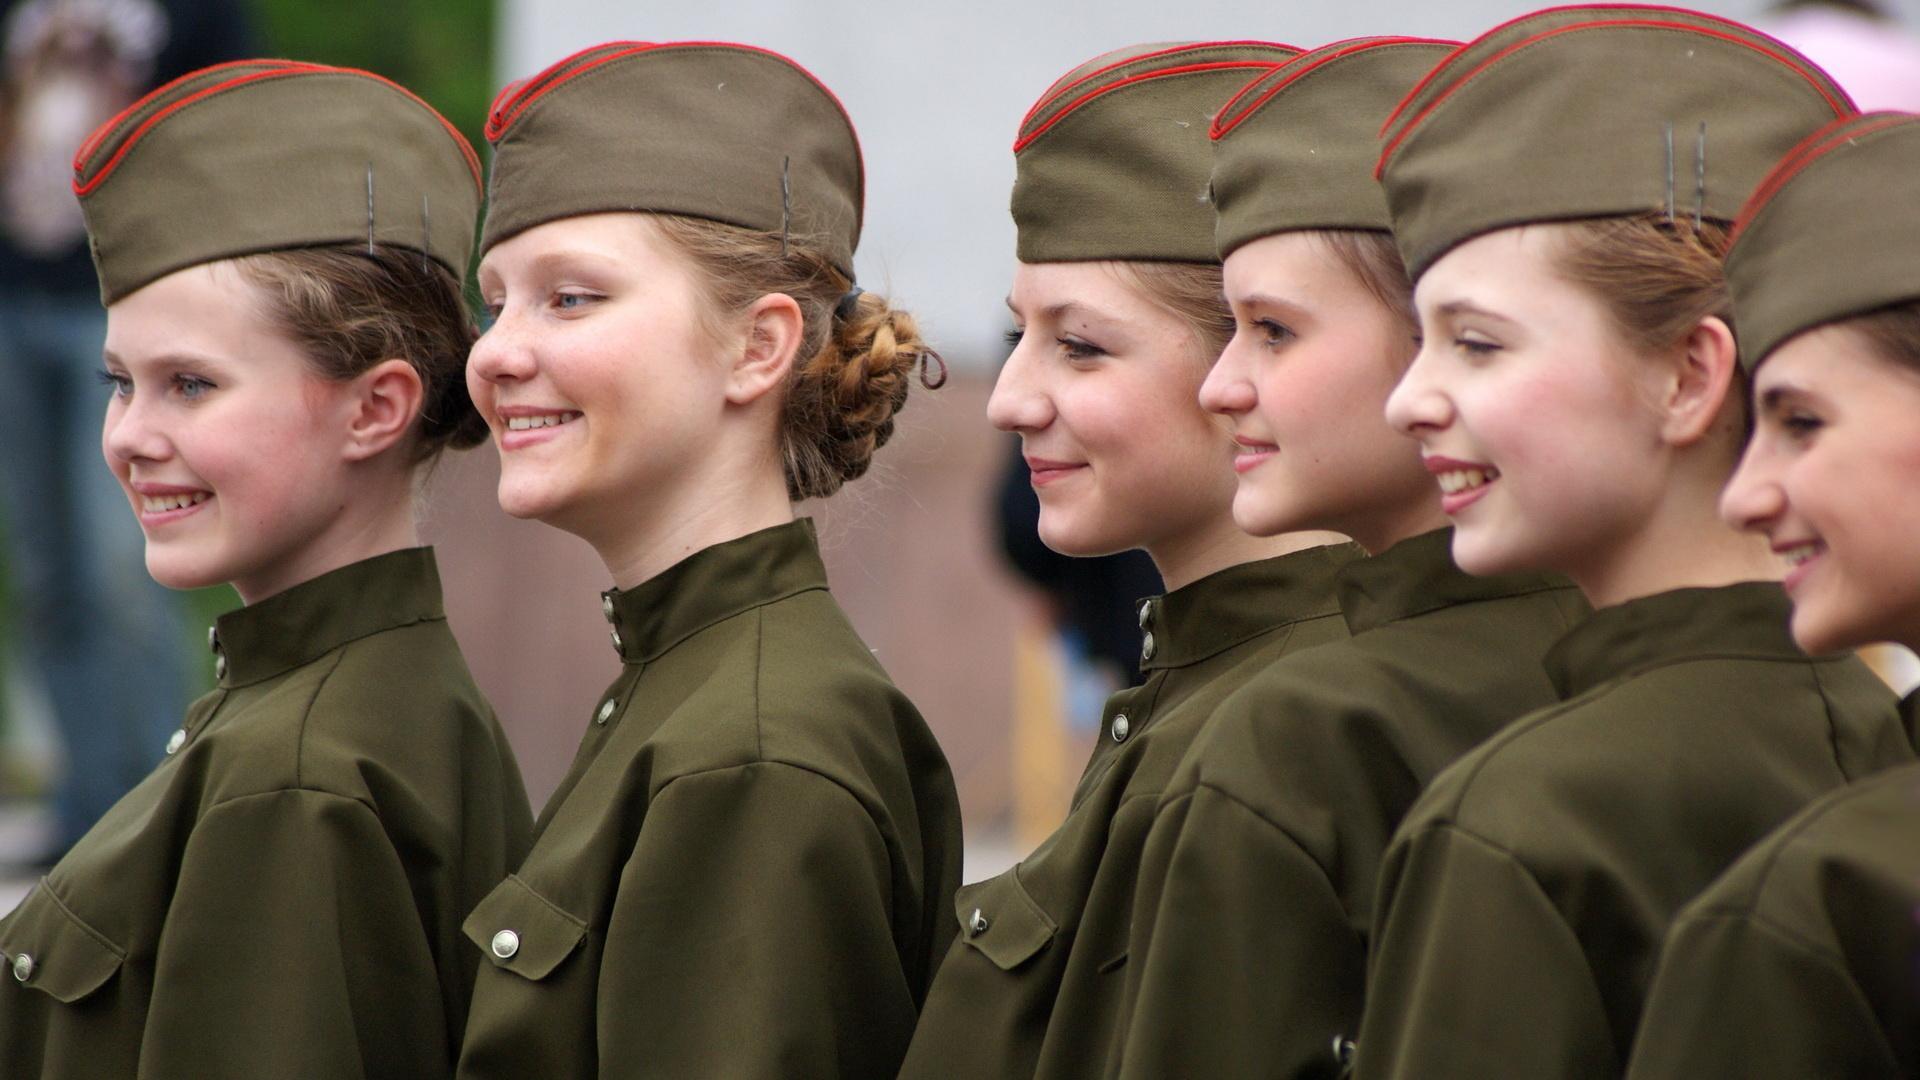 Bellas chicas soldados - 1920x1080